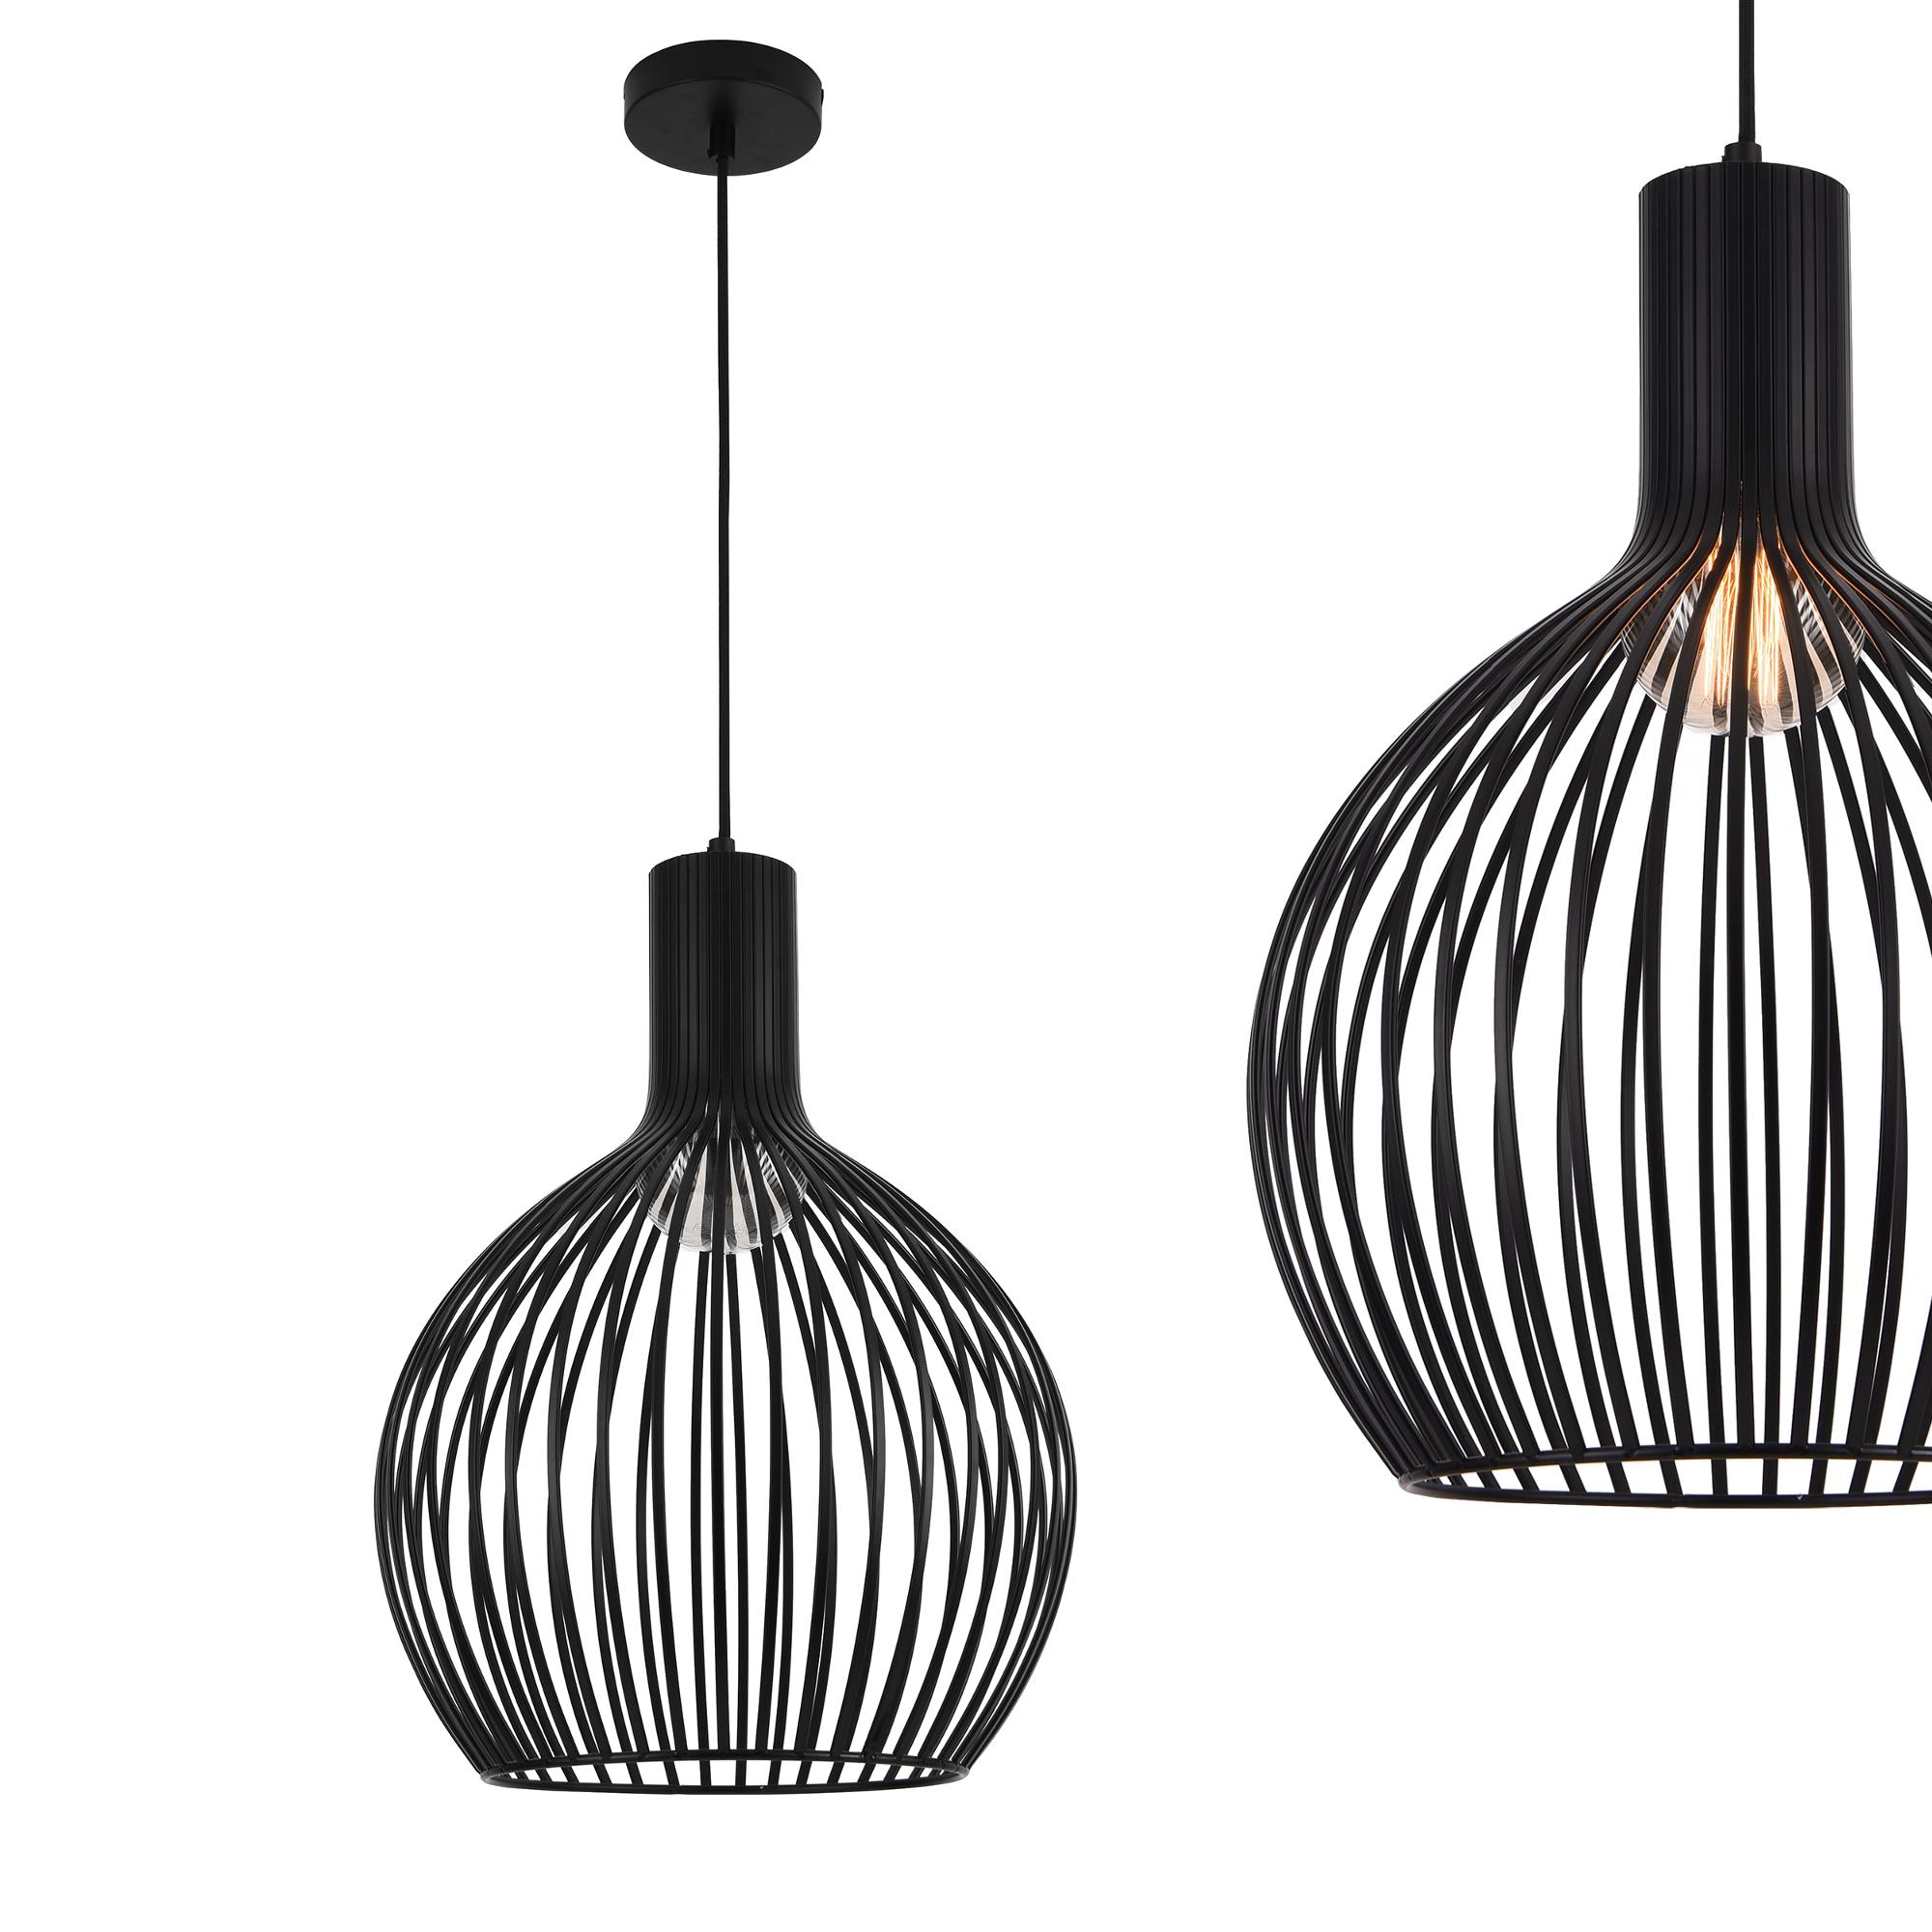 design h ngeleuchte metall schwarz deckenleuchte leuchte pendelleuchte ebay. Black Bedroom Furniture Sets. Home Design Ideas